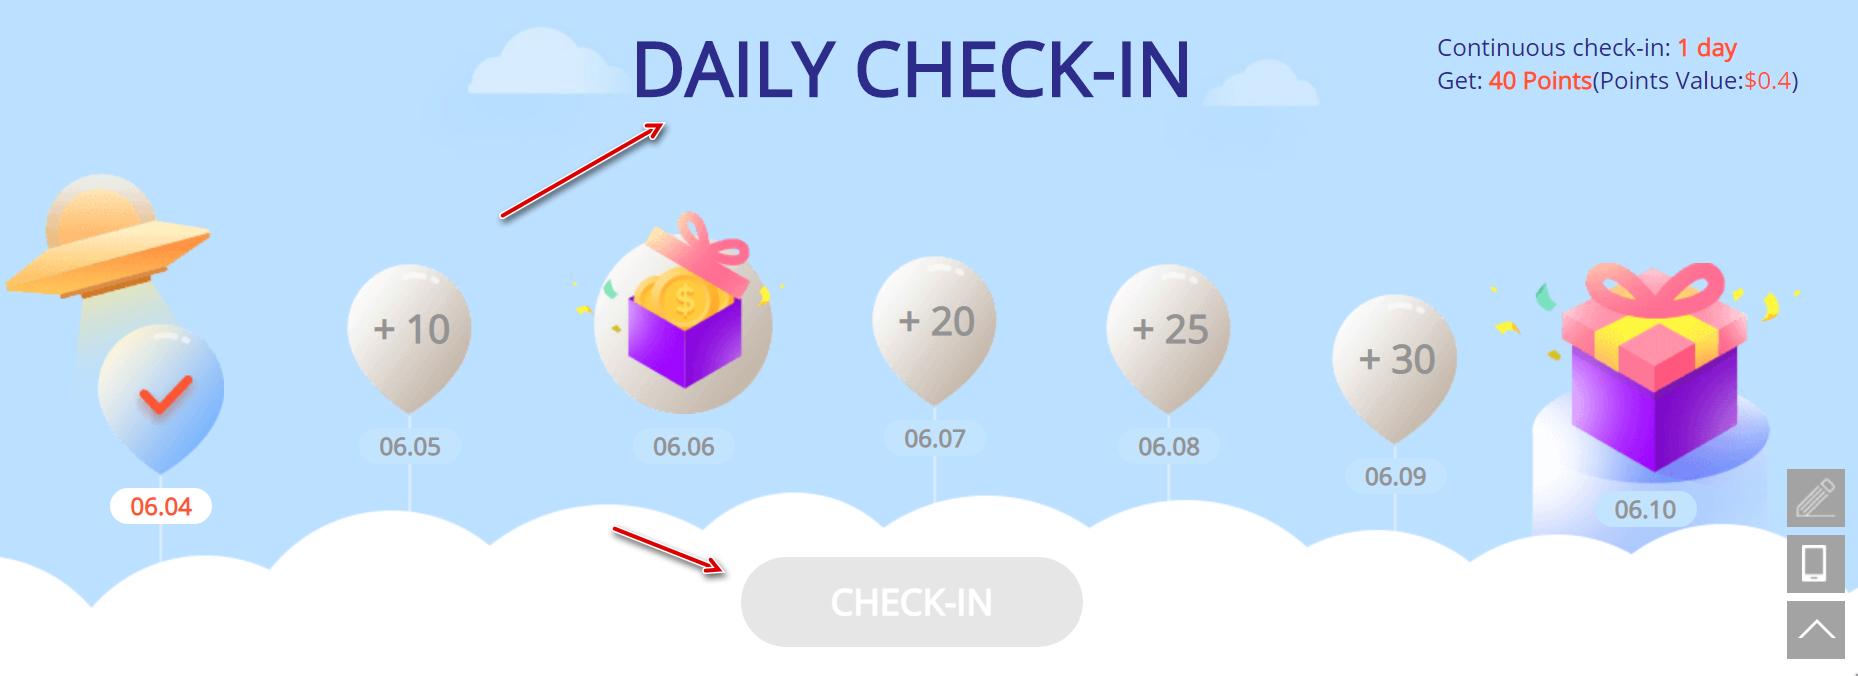 daily-checkin-nhan-diem-thuong-moi-ngay-tai-banggood